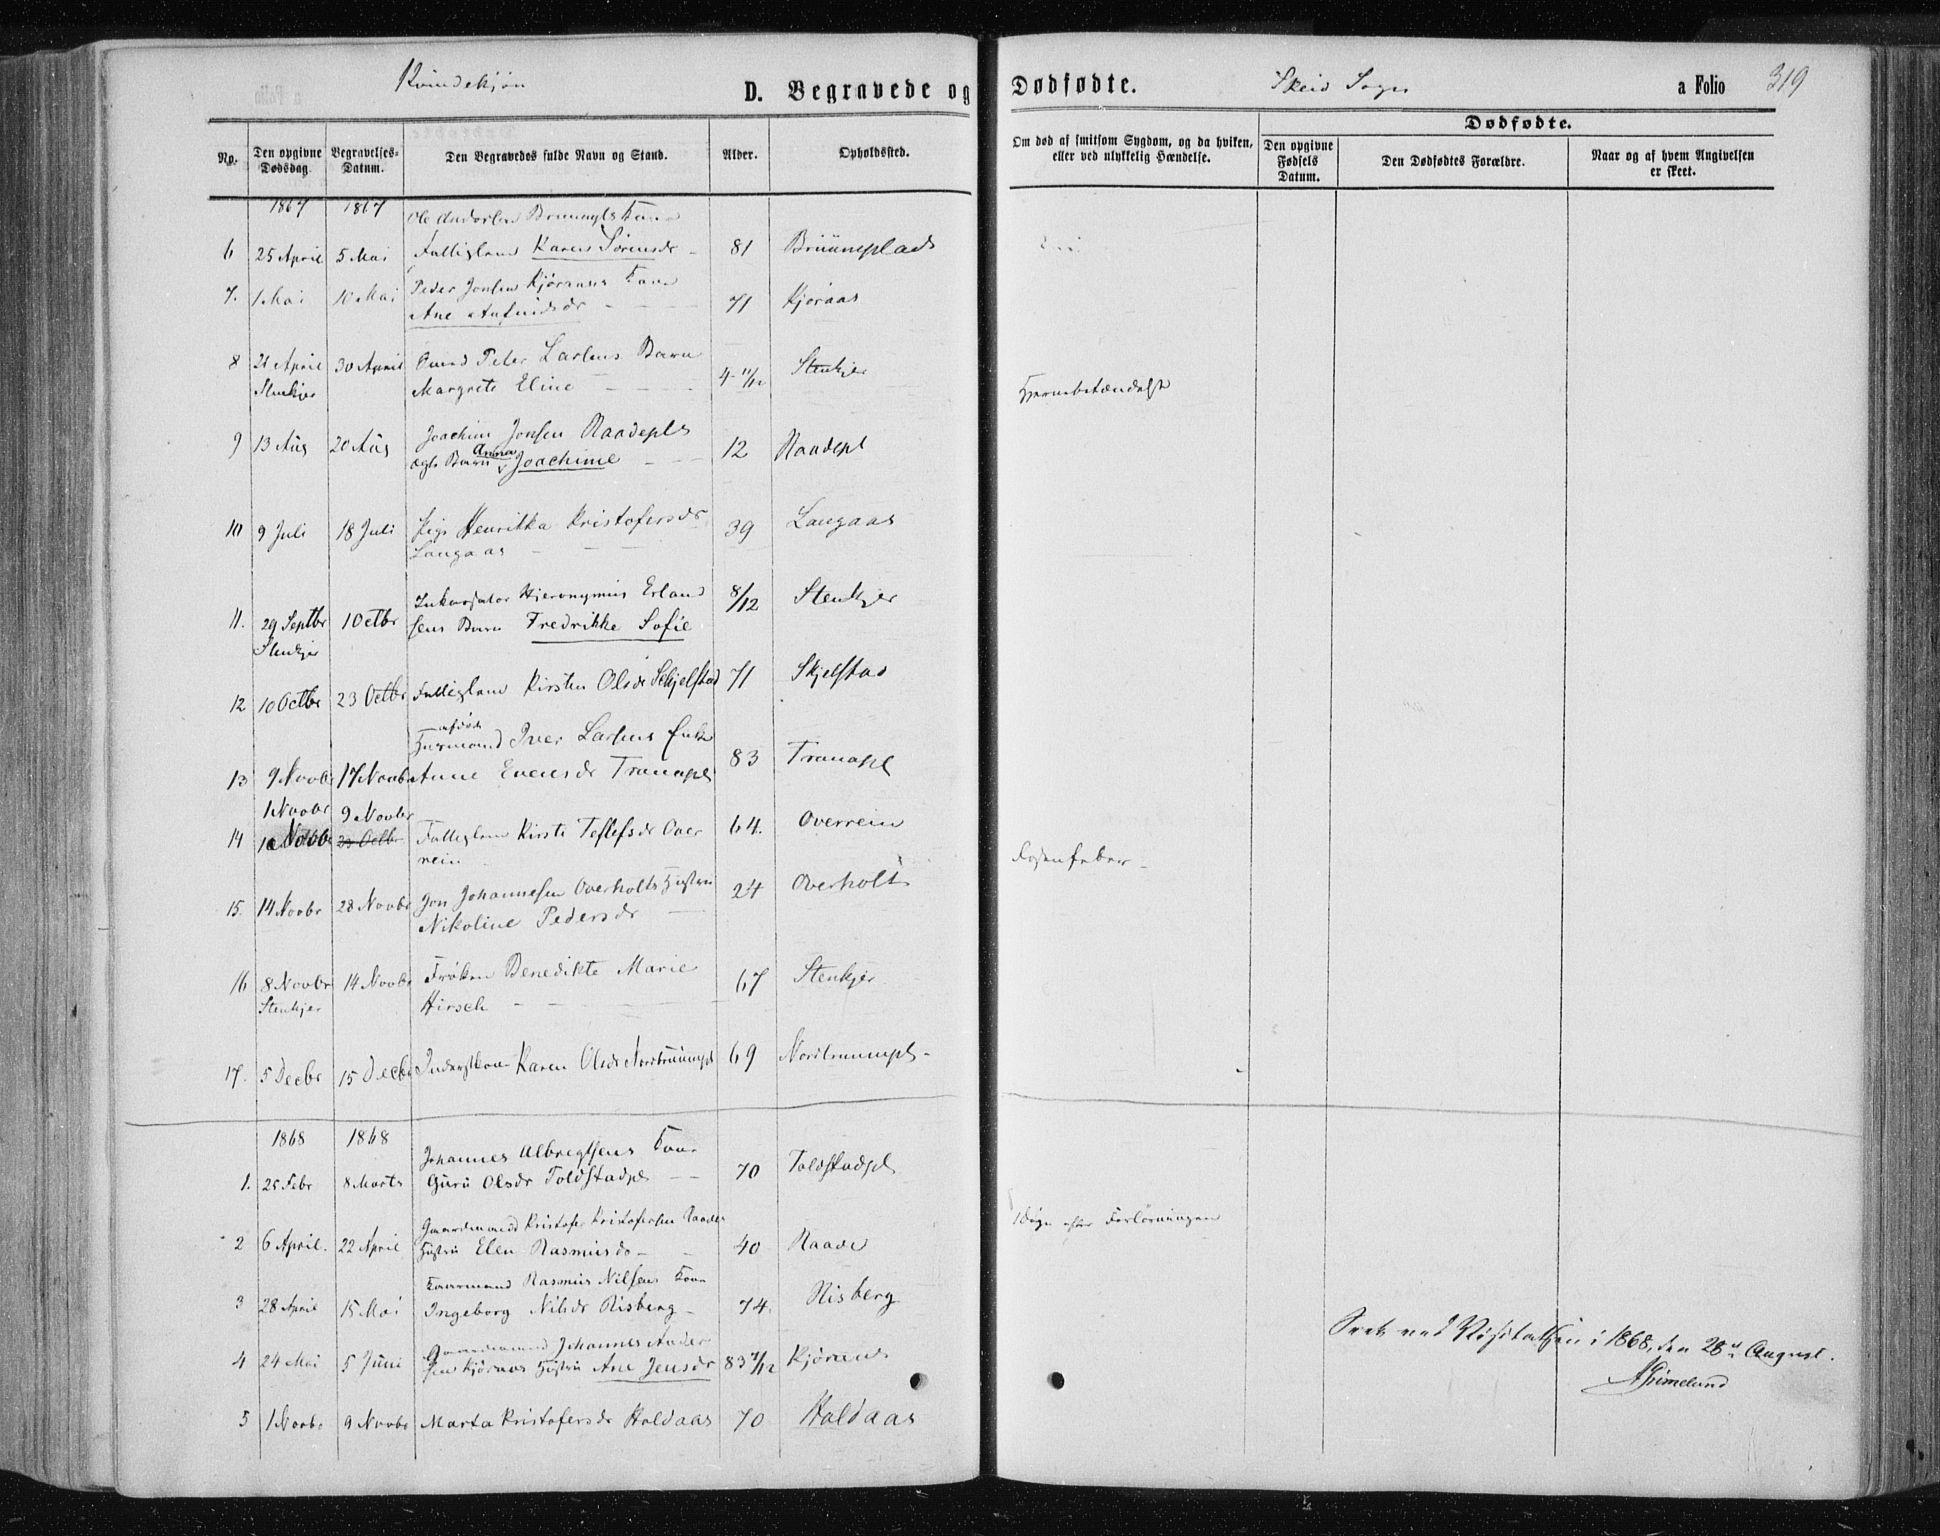 SAT, Ministerialprotokoller, klokkerbøker og fødselsregistre - Nord-Trøndelag, 735/L0345: Ministerialbok nr. 735A08 /2, 1863-1872, s. 319